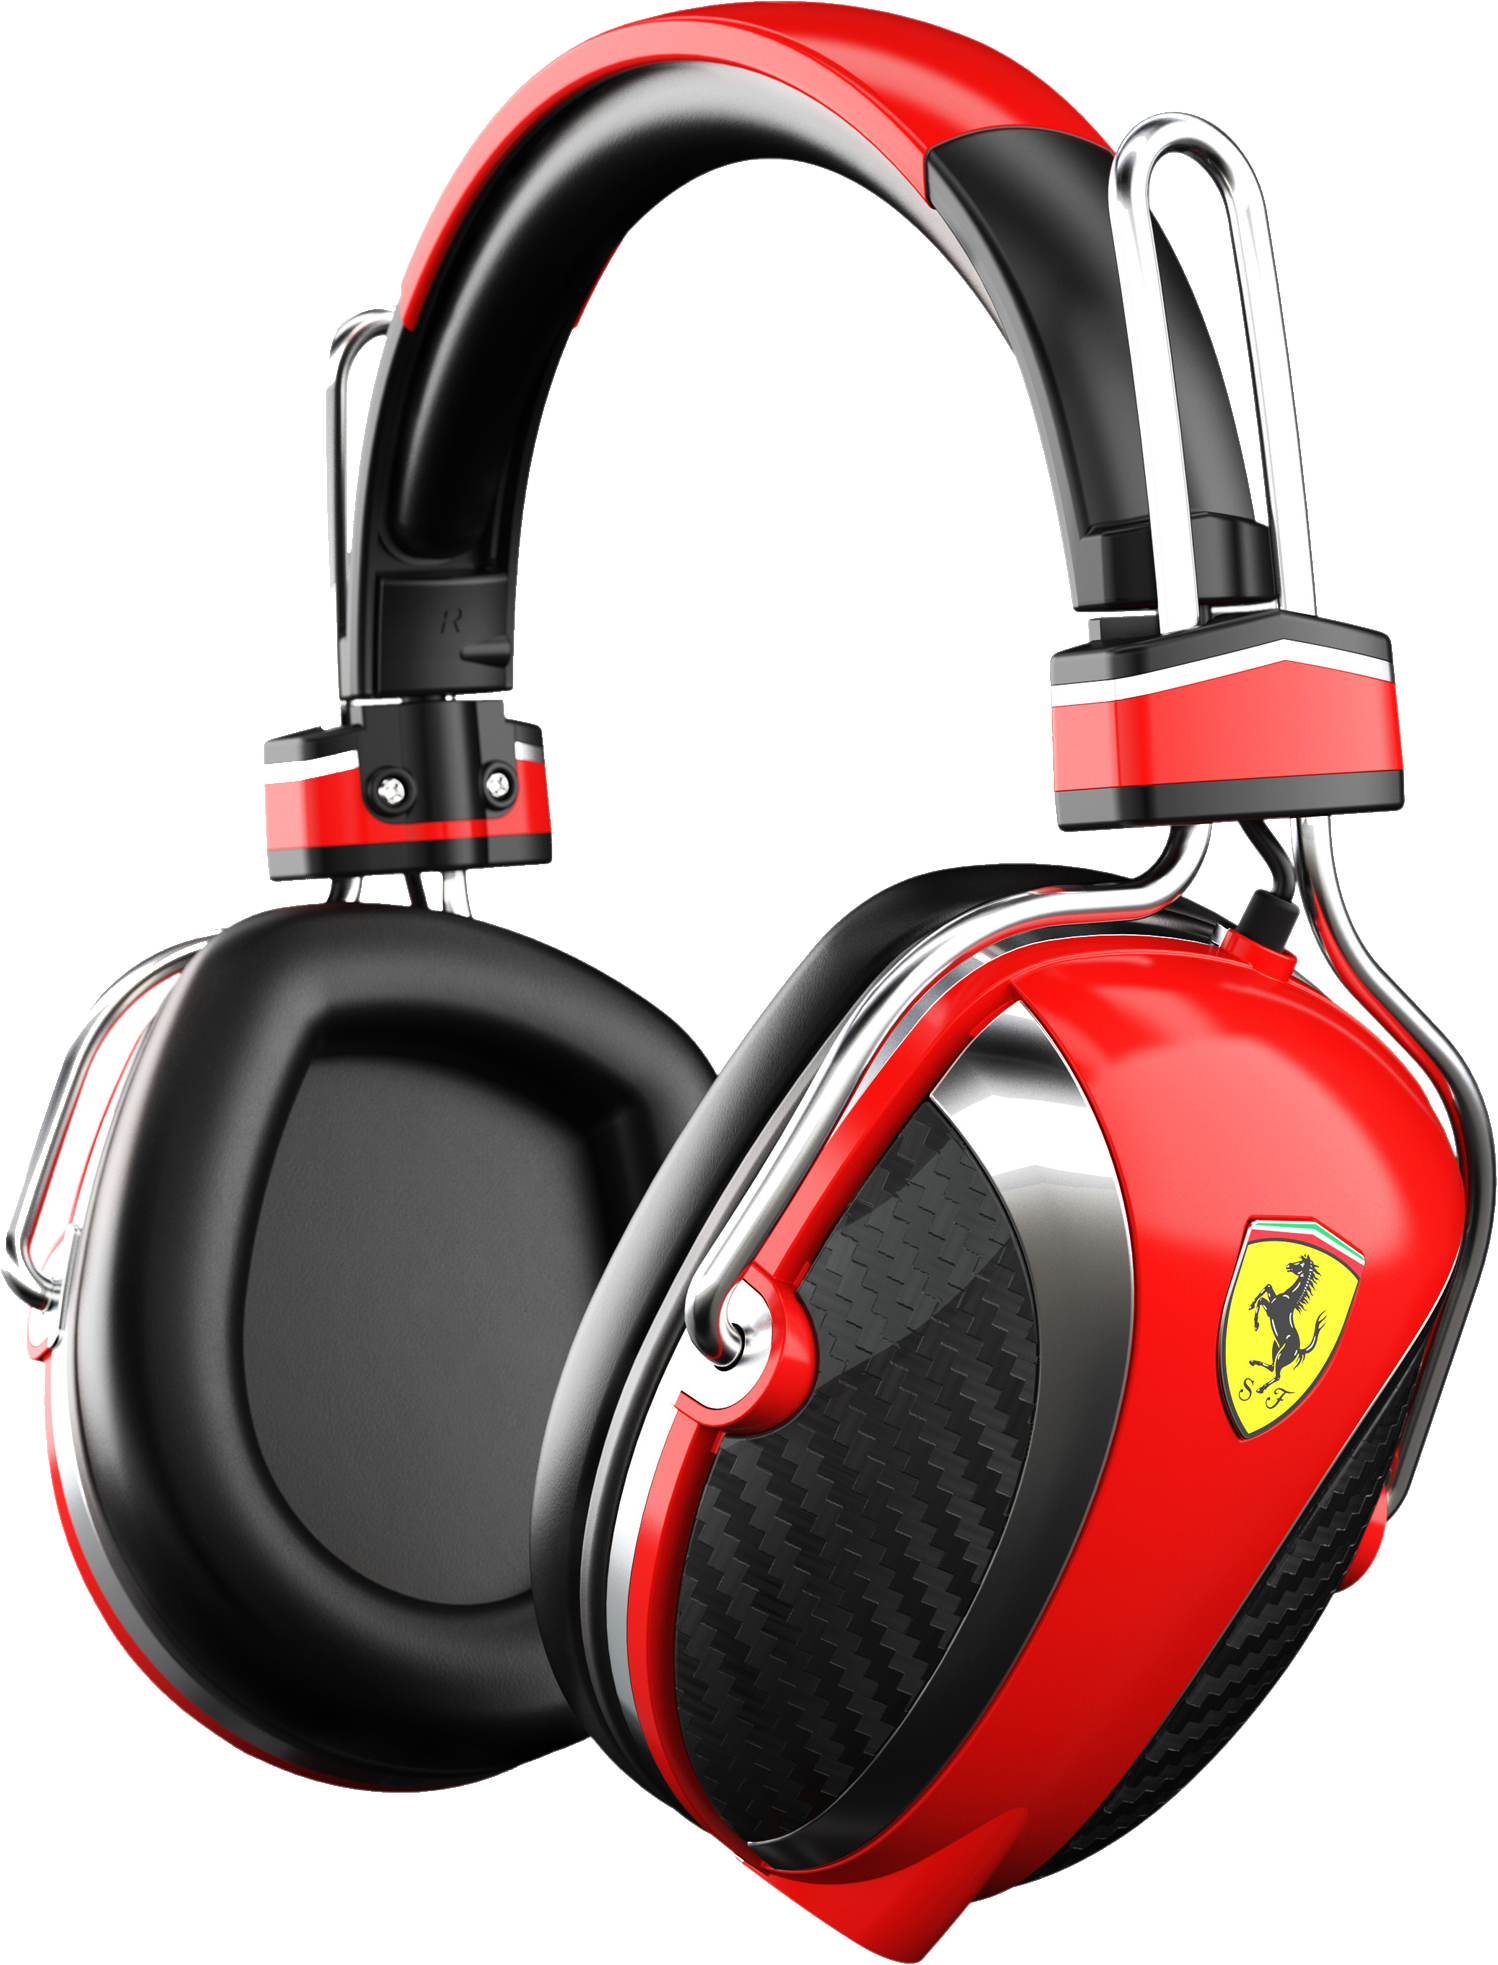 Headphones PNG - 895